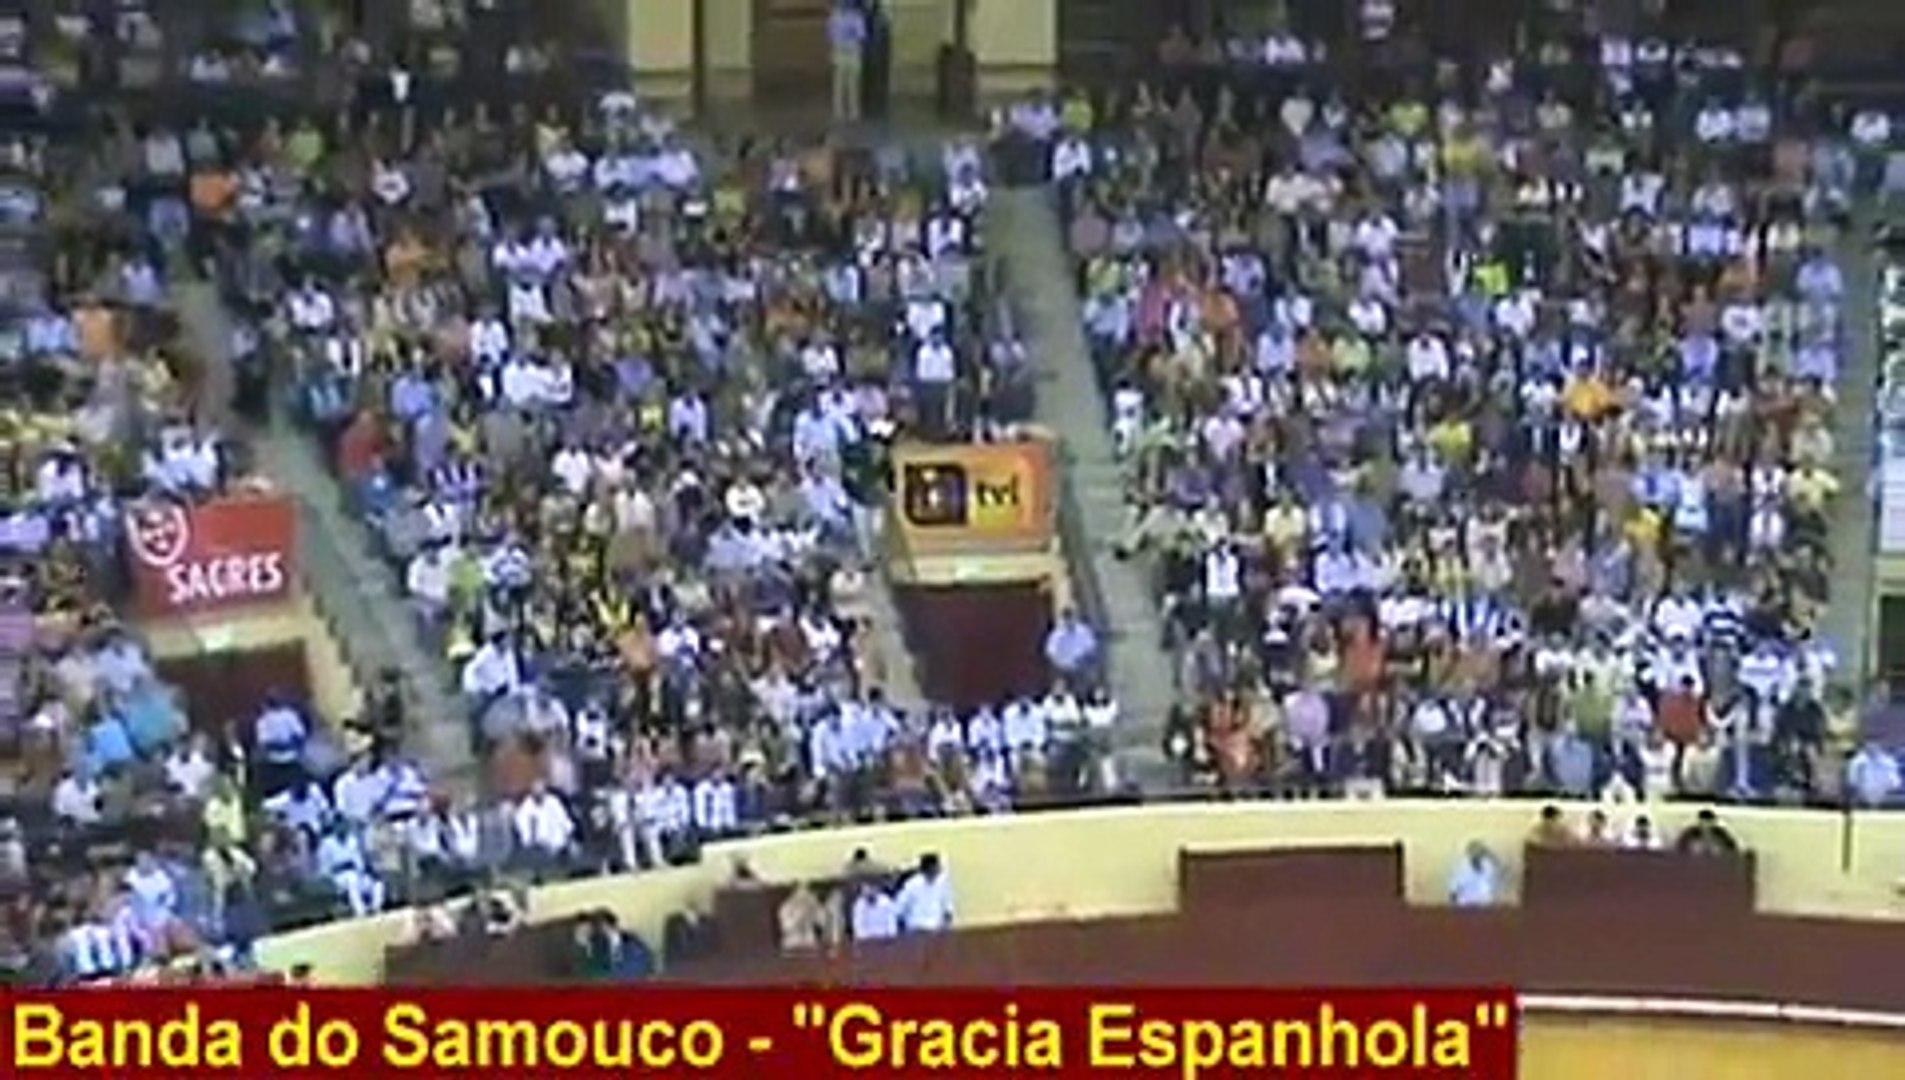 Campo Pequeno 2008 - Banda do Samouco - Corrida do Emigrante